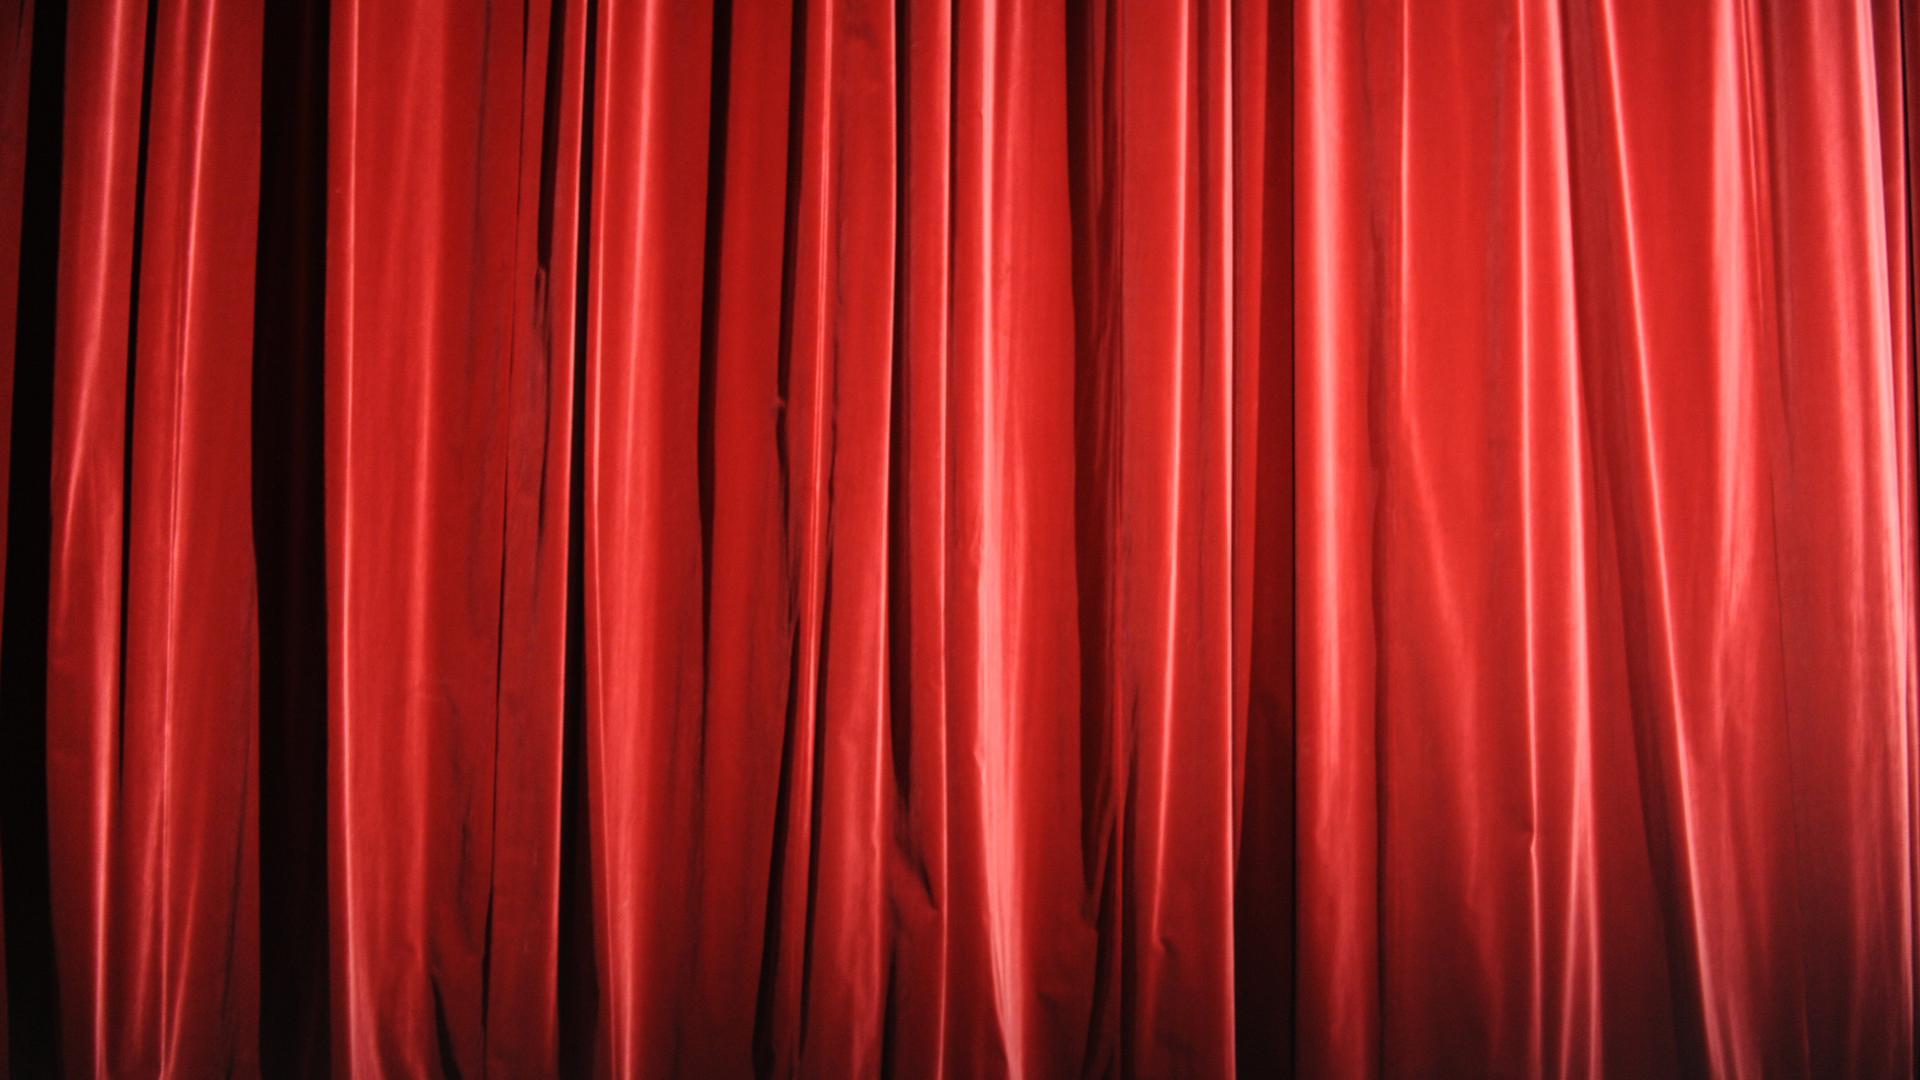 ARCHIV - 26.08.2009, Hamburg: Der rote Vorhang ist im Ernst Deutsch Theater geschlossen. In Hamburg-Barmbek werden am 13.09.2018 die Pläne für ein neues kulturelles Zentrum vorgestellt. Am Wiesendamm sollen das Junge Schauspielhaus, die Theaterakademie sowie das Institut für Kultur- und Medienmanagement der Hochschule für Musik und Theater künftig eine neue Heimat haben. (zu dpa «Pläne für kulturelles Zentrum in Hamburg-Barmbek werden vorgestellt») Foto: Marcus Brandt/dpa +++ dpa-Bildfunk +++   Verwendung weltweit